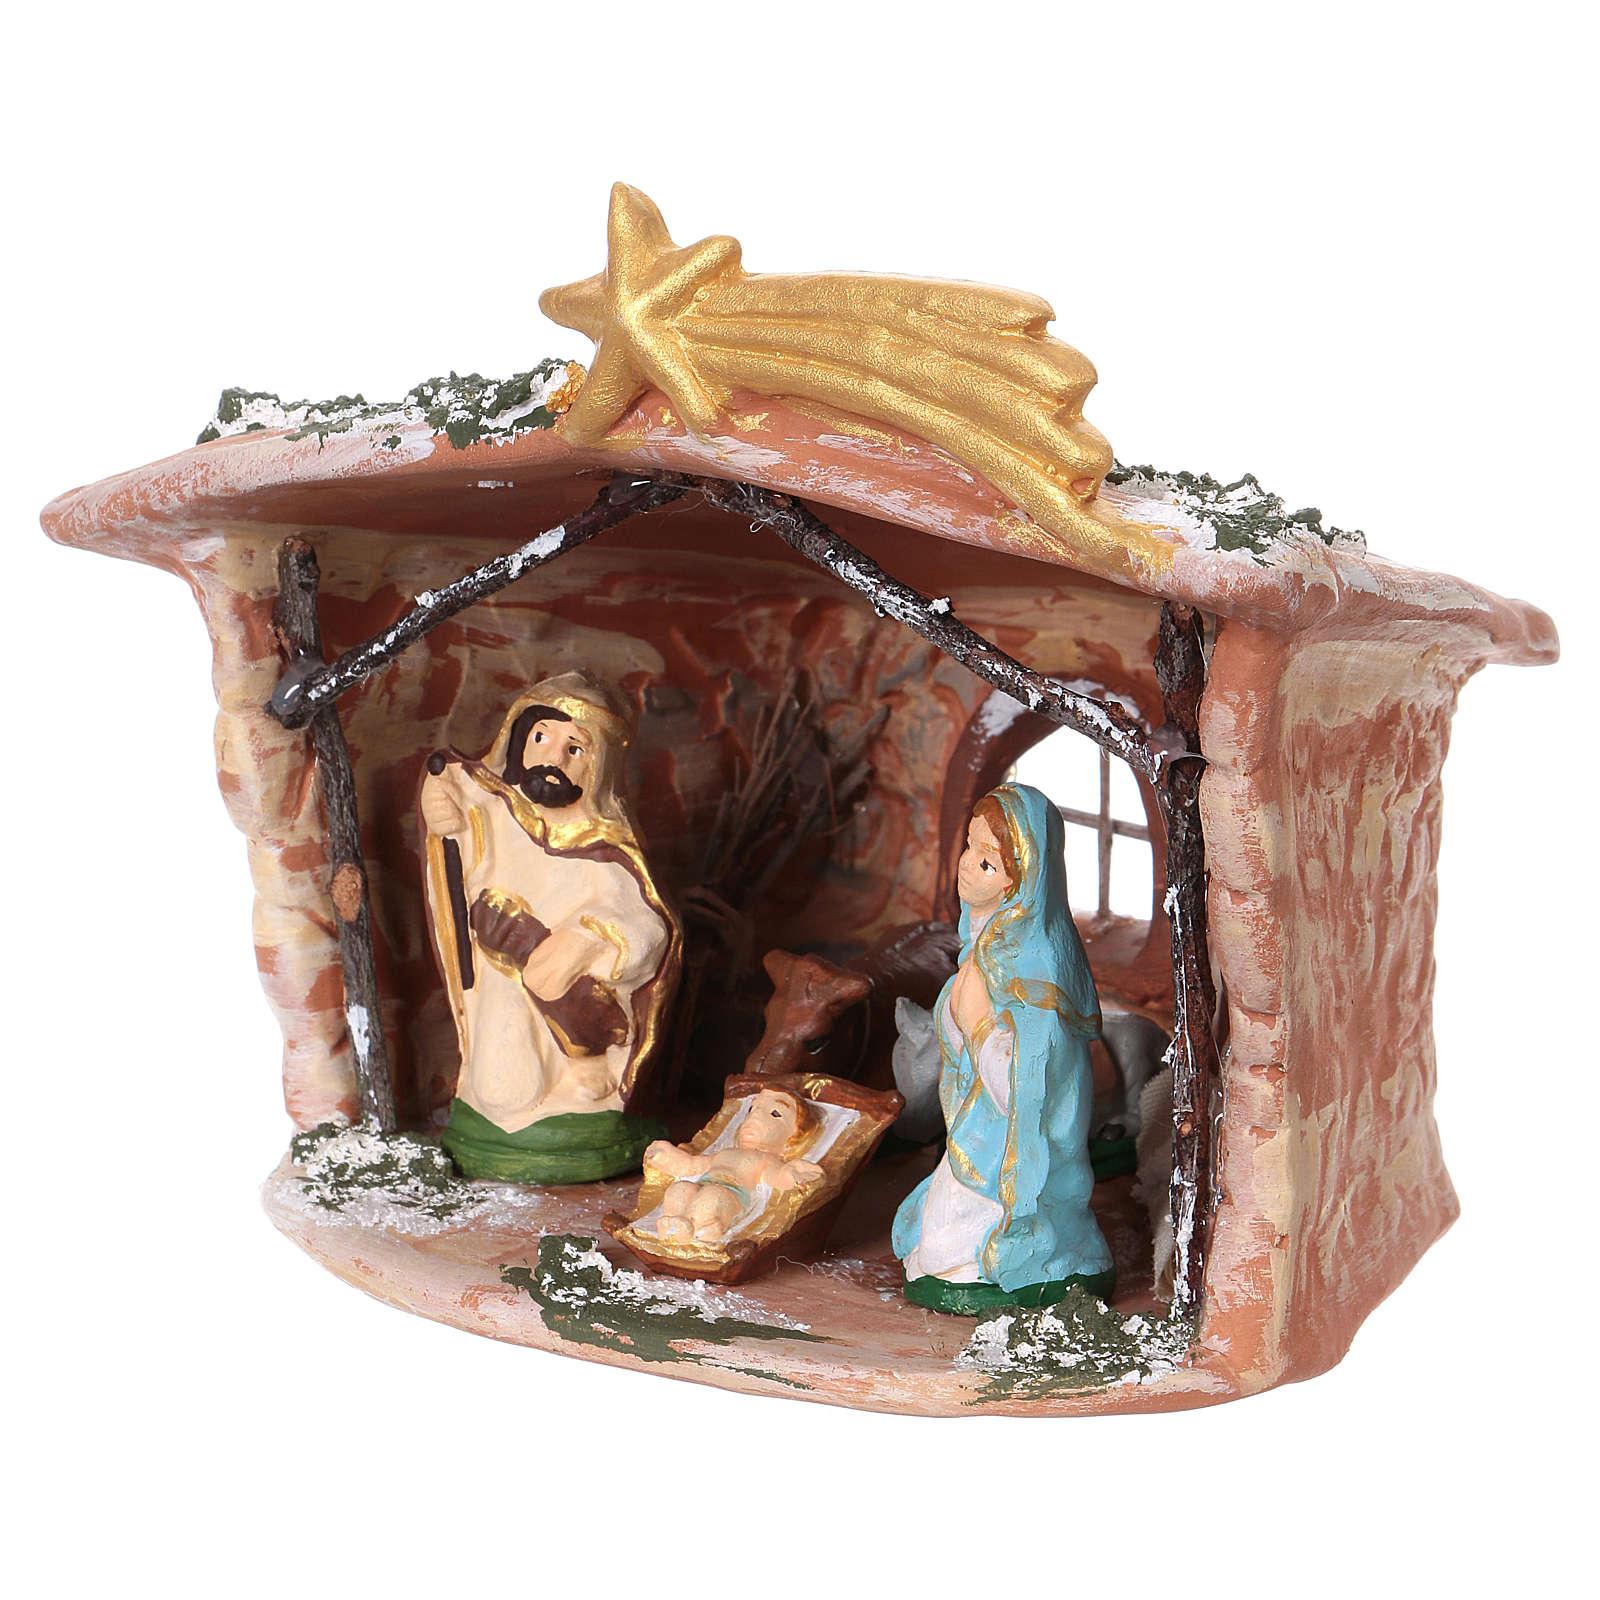 Hut in Deruta terracotta 15x15x10cm with Nativity Scene 7 cm 4